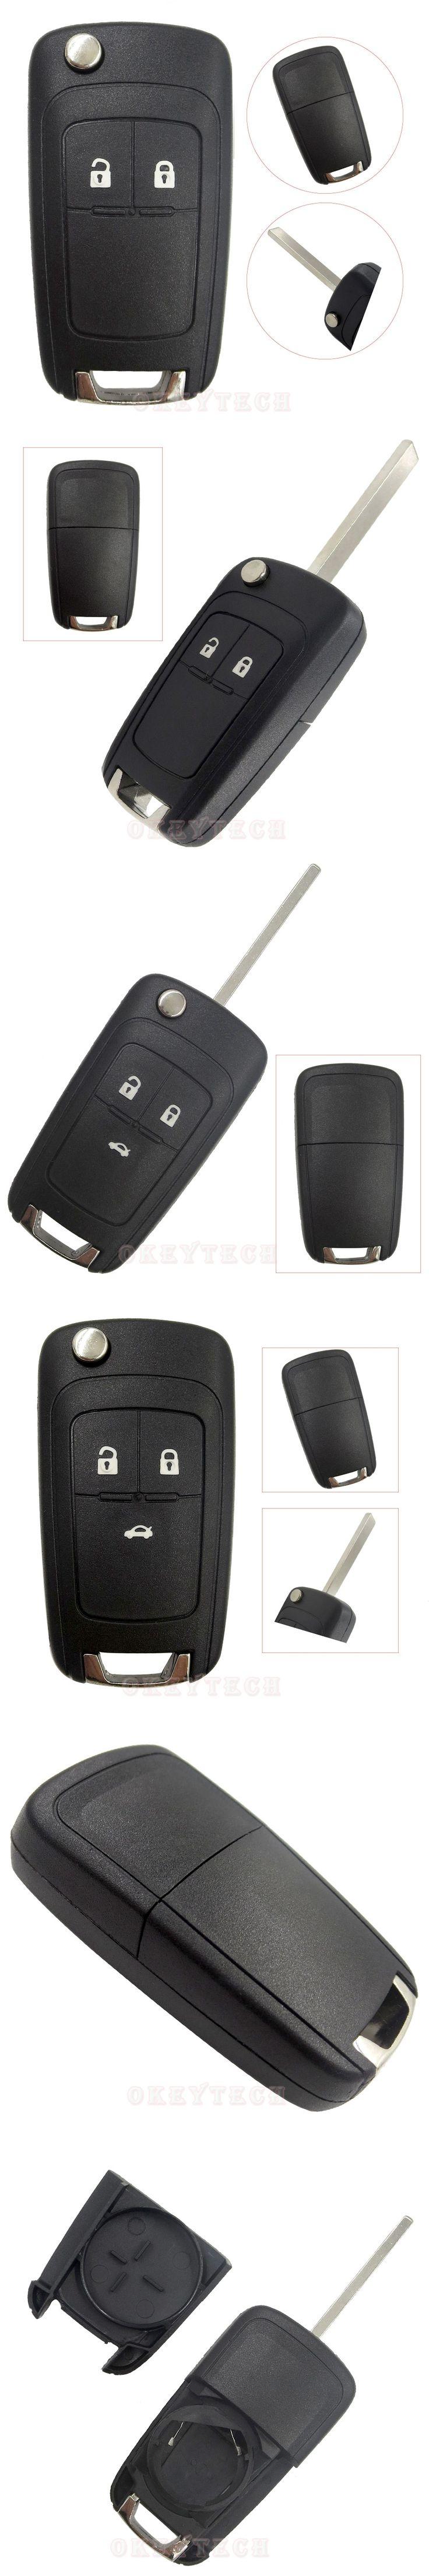 Folding Flip Key Shell Case For Chevrolet Cruze spark aveo captiva Remote car Key Switchblade key Cover Fob 3 Button HU100 Blade